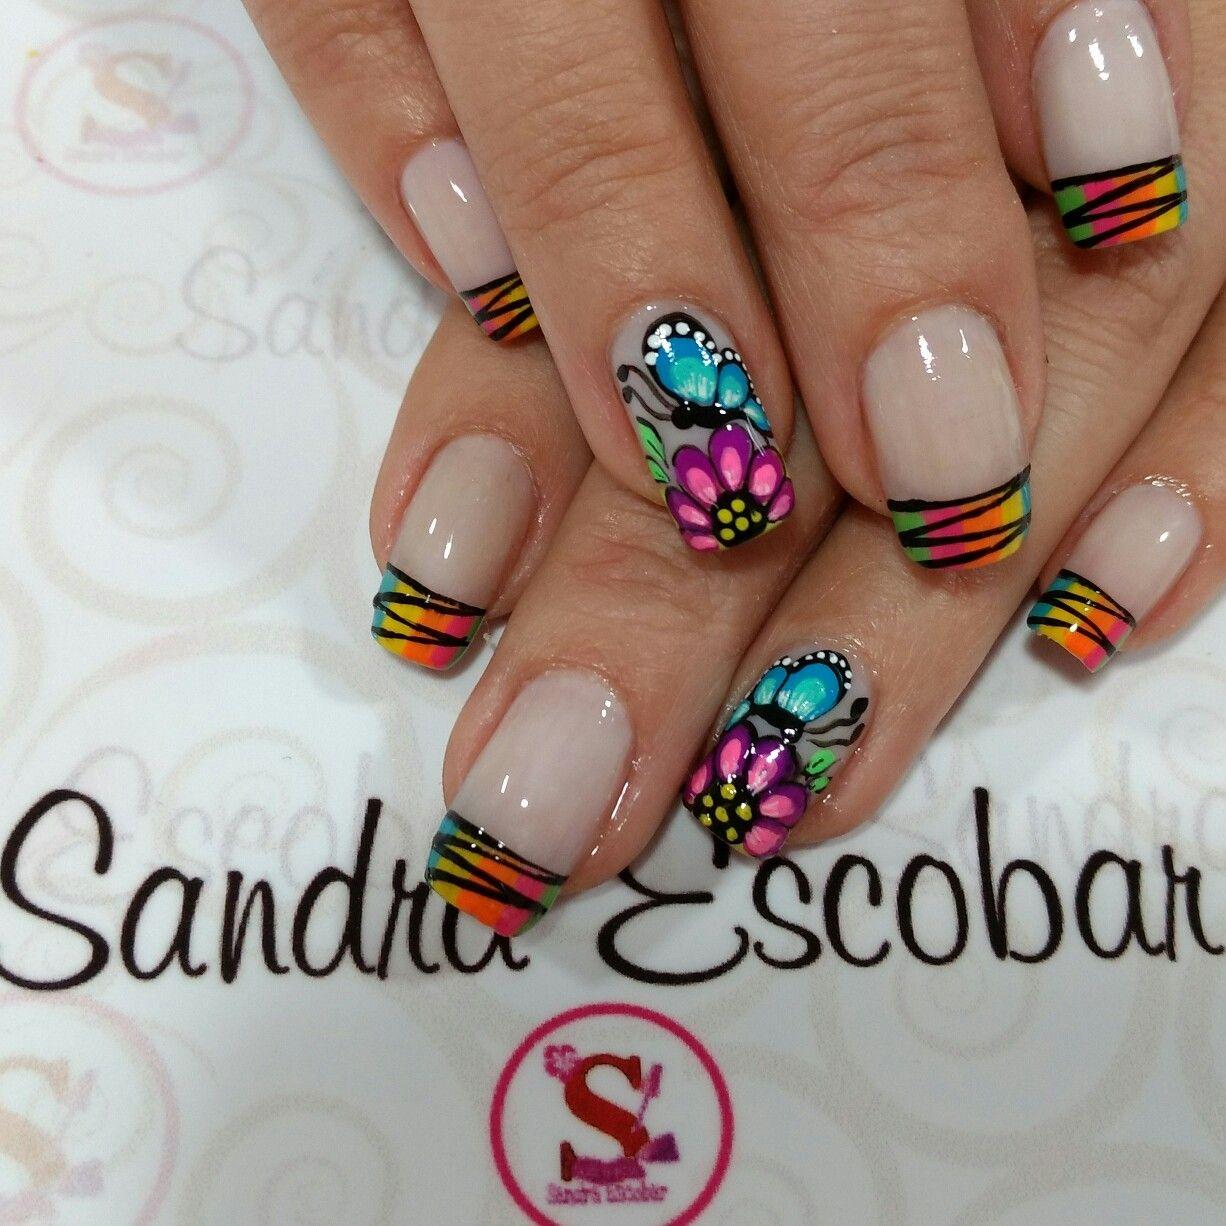 Pin de Adriana en uñas | Pinterest | Diseños de uñas, Manicuras y ...